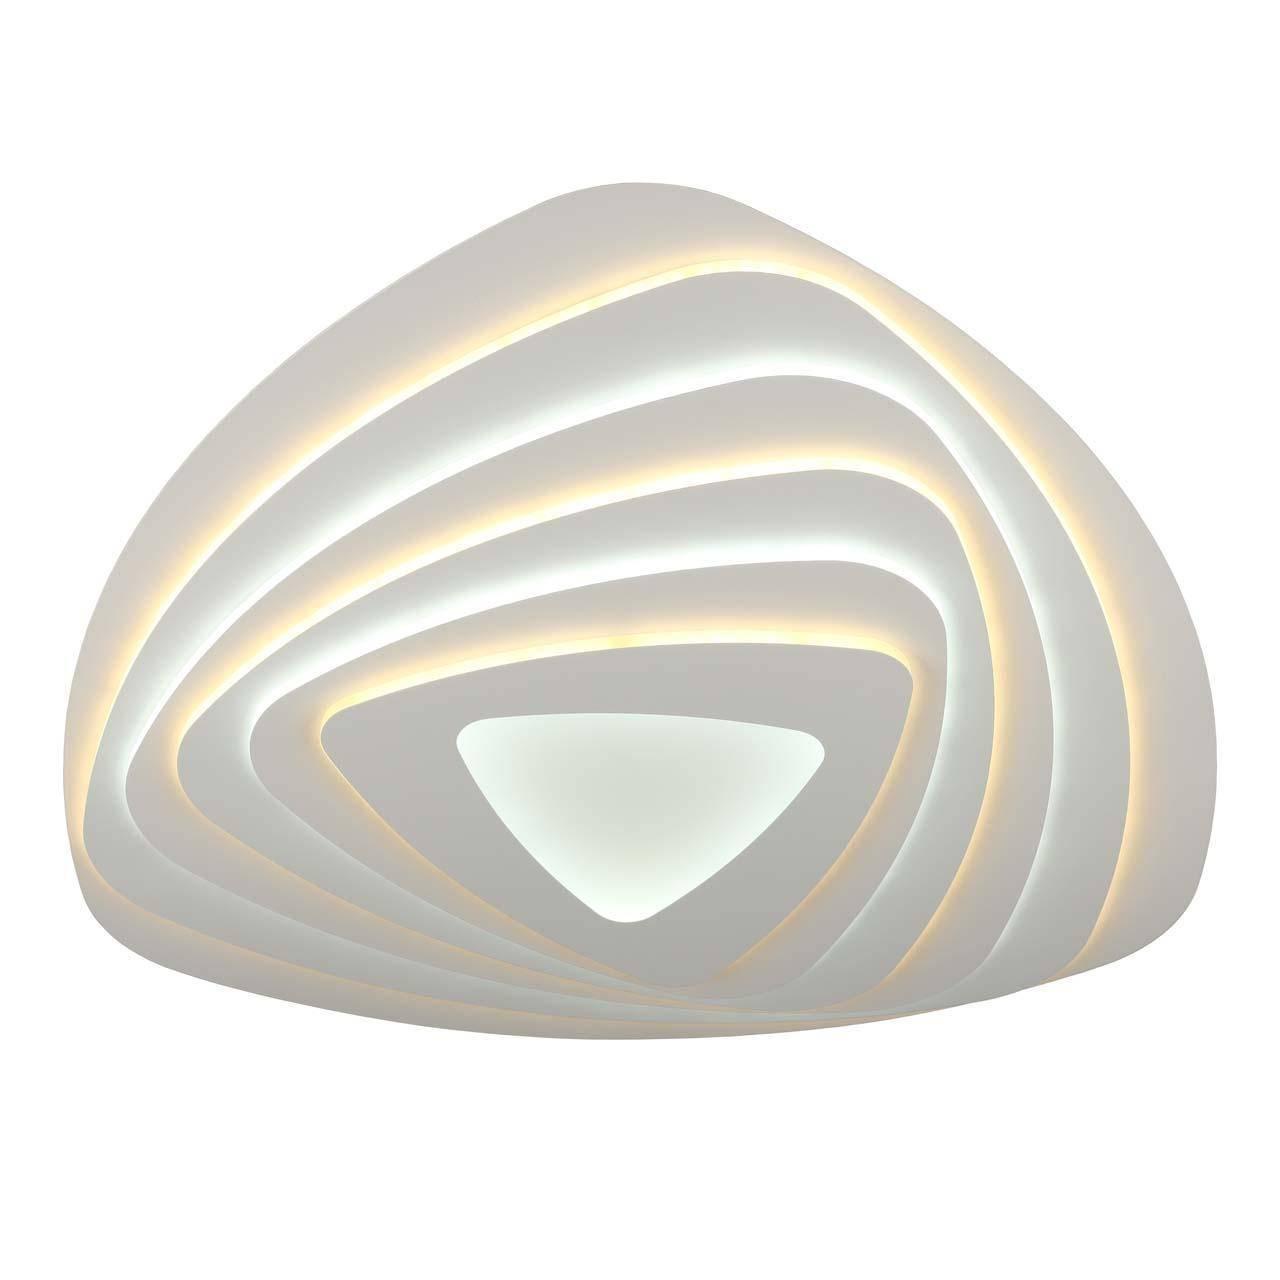 Потолочная светодиодная люстра Omnilux Bacoli OML-07507-318